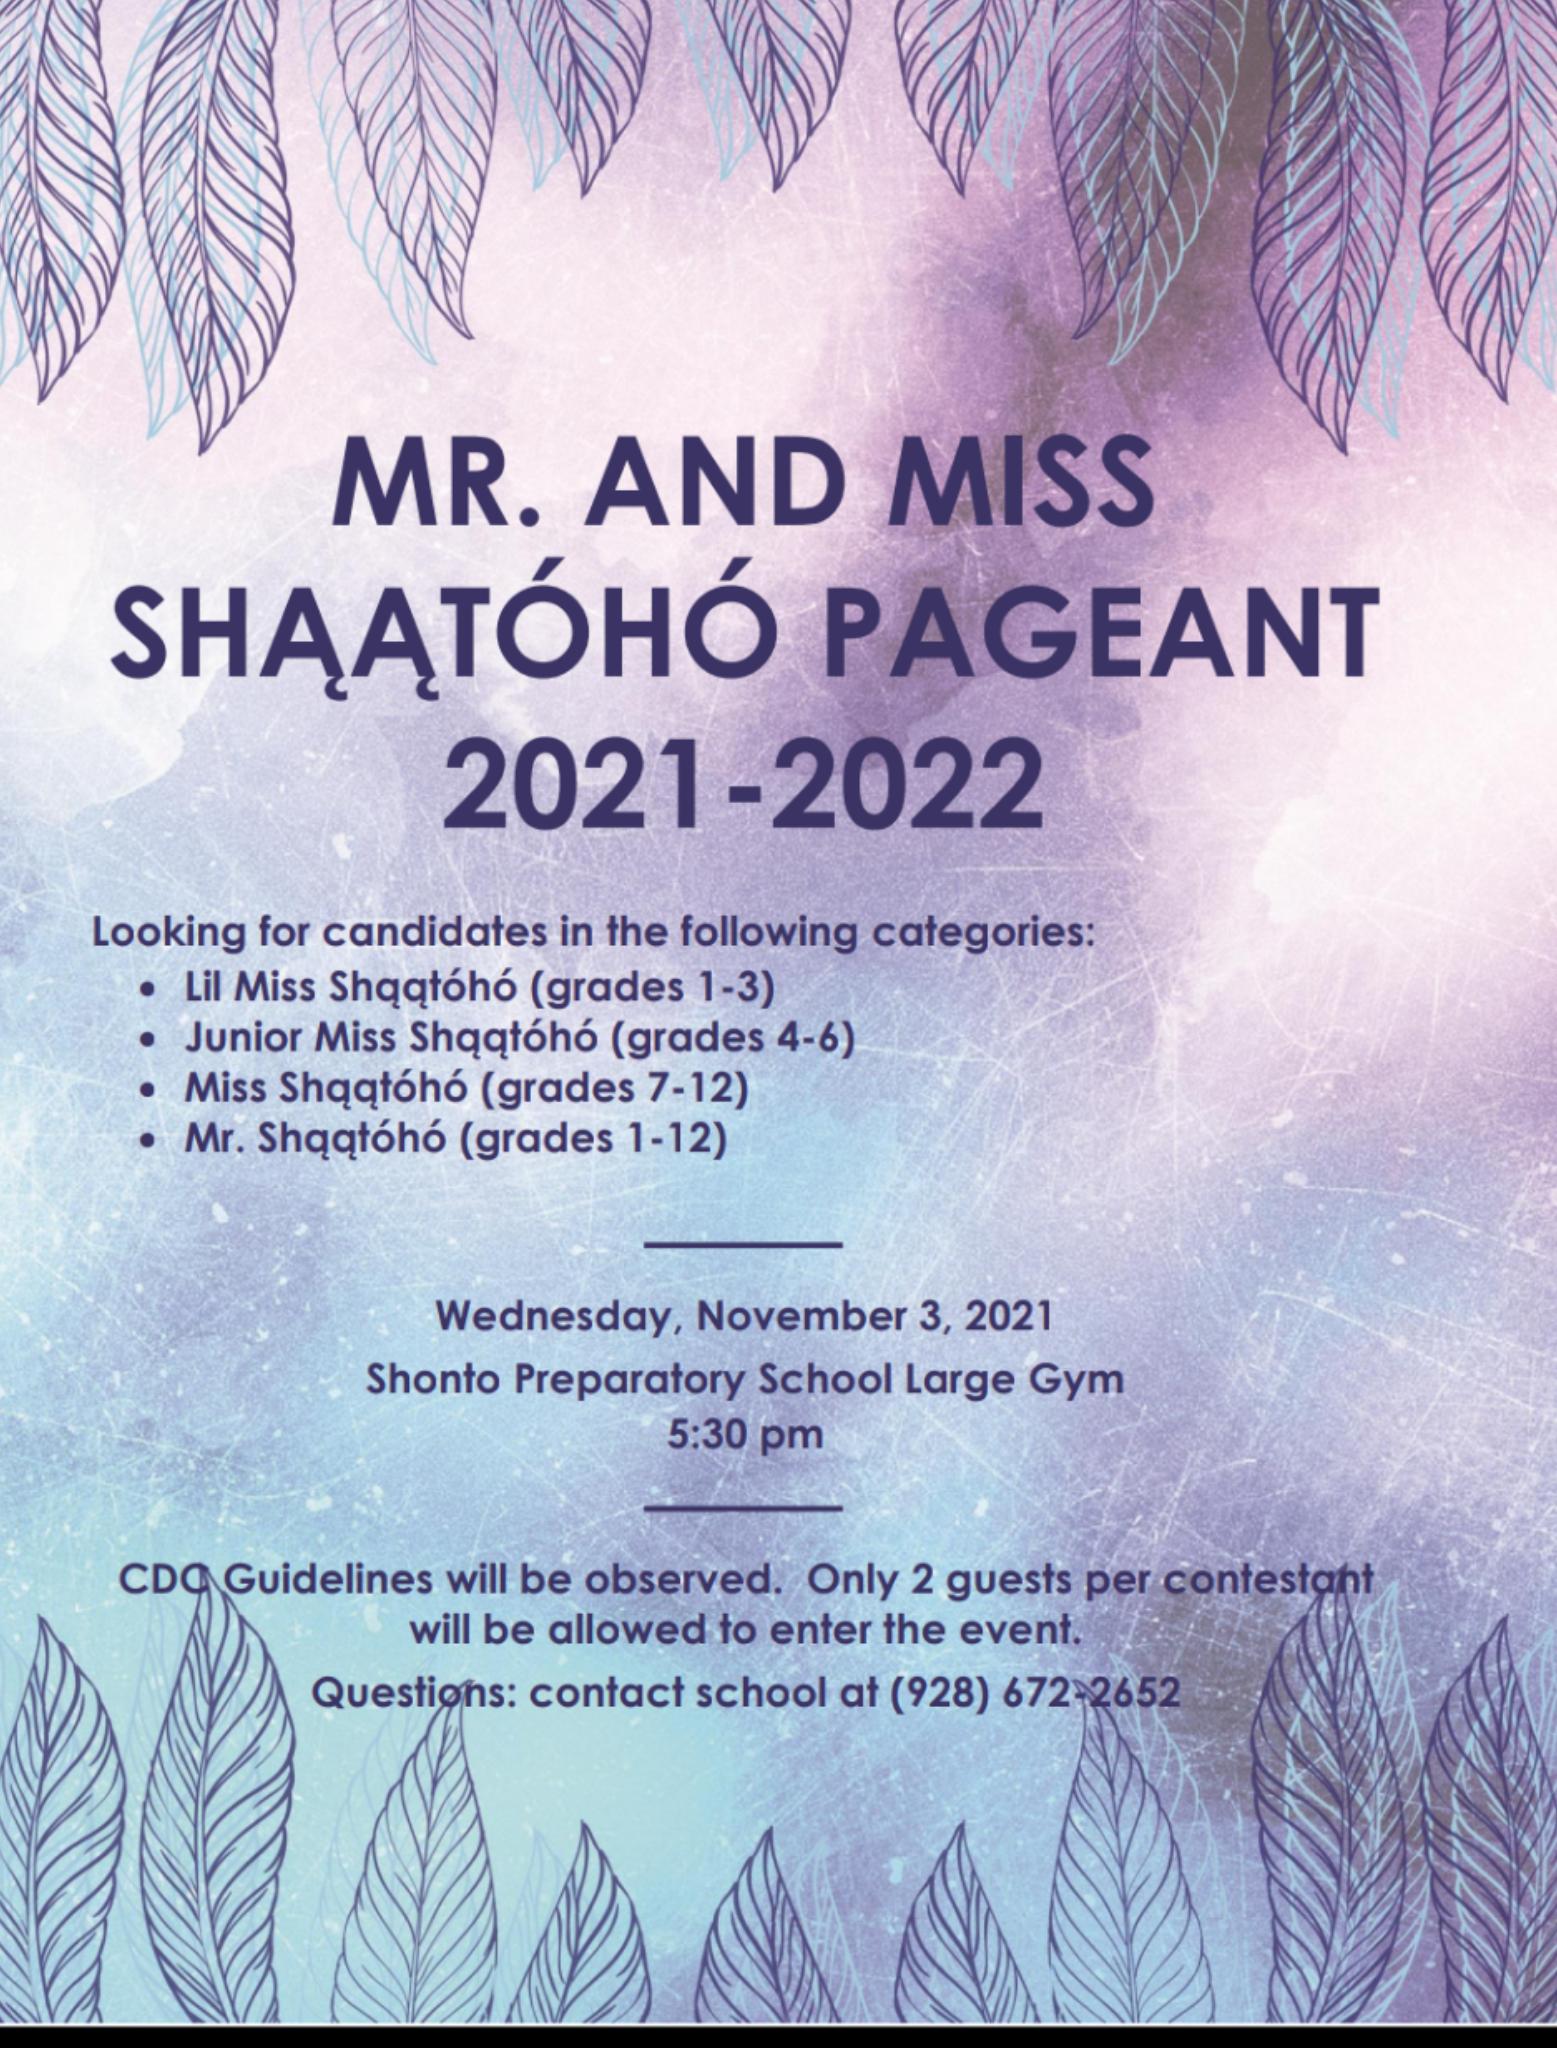 Shaatoho